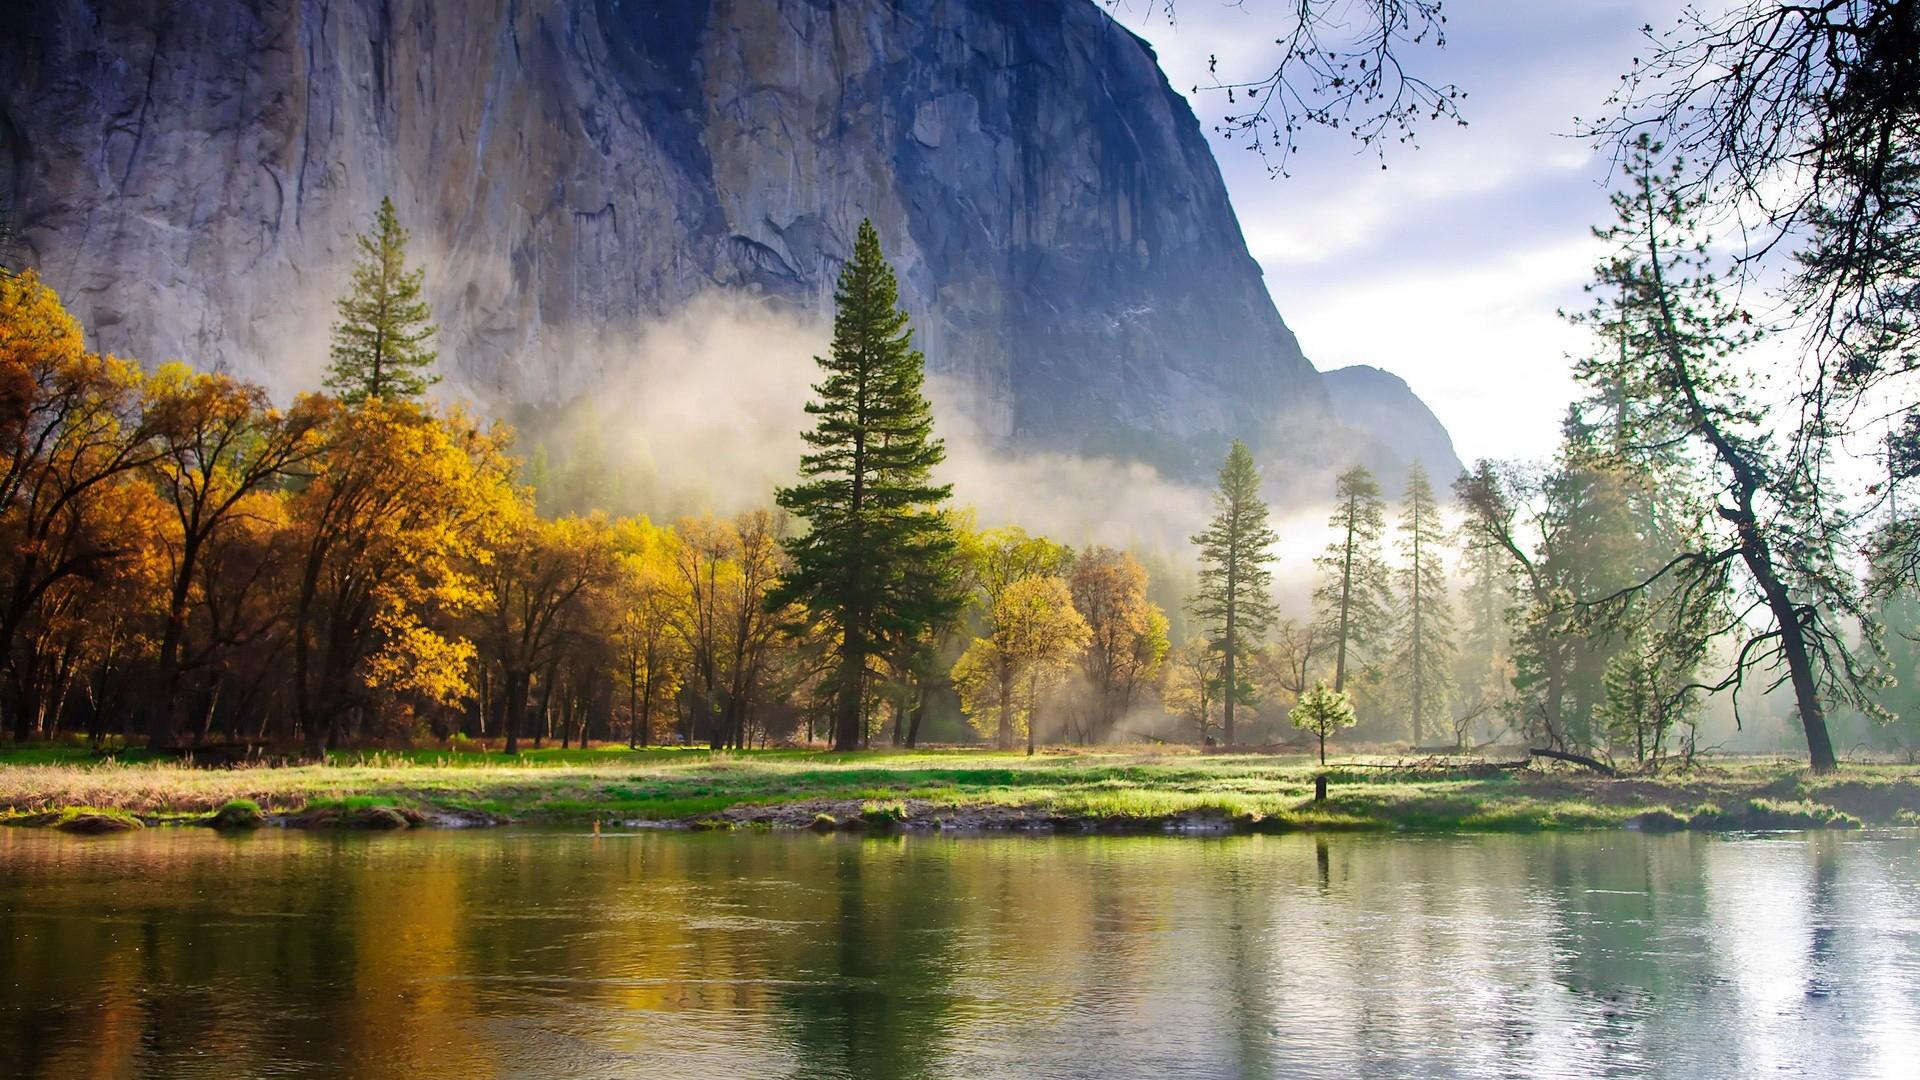 26998 скачать обои Пейзаж, Река, Деревья, Горы - заставки и картинки бесплатно